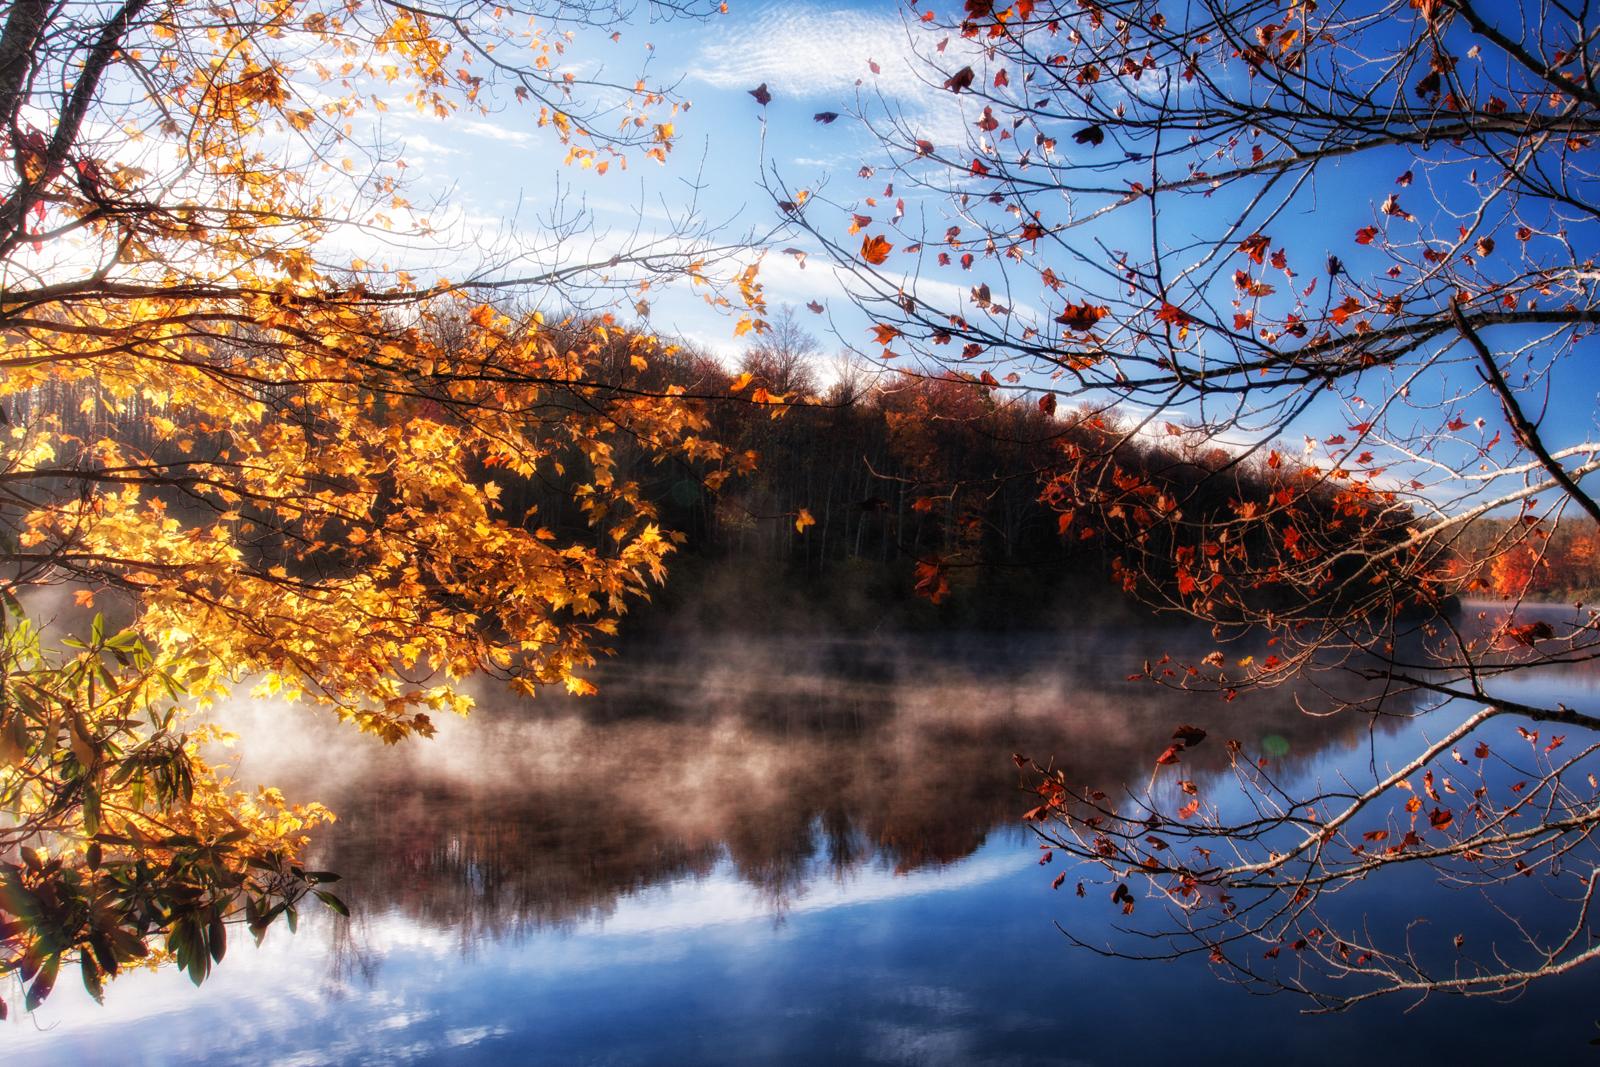 Price Lake Sunrise